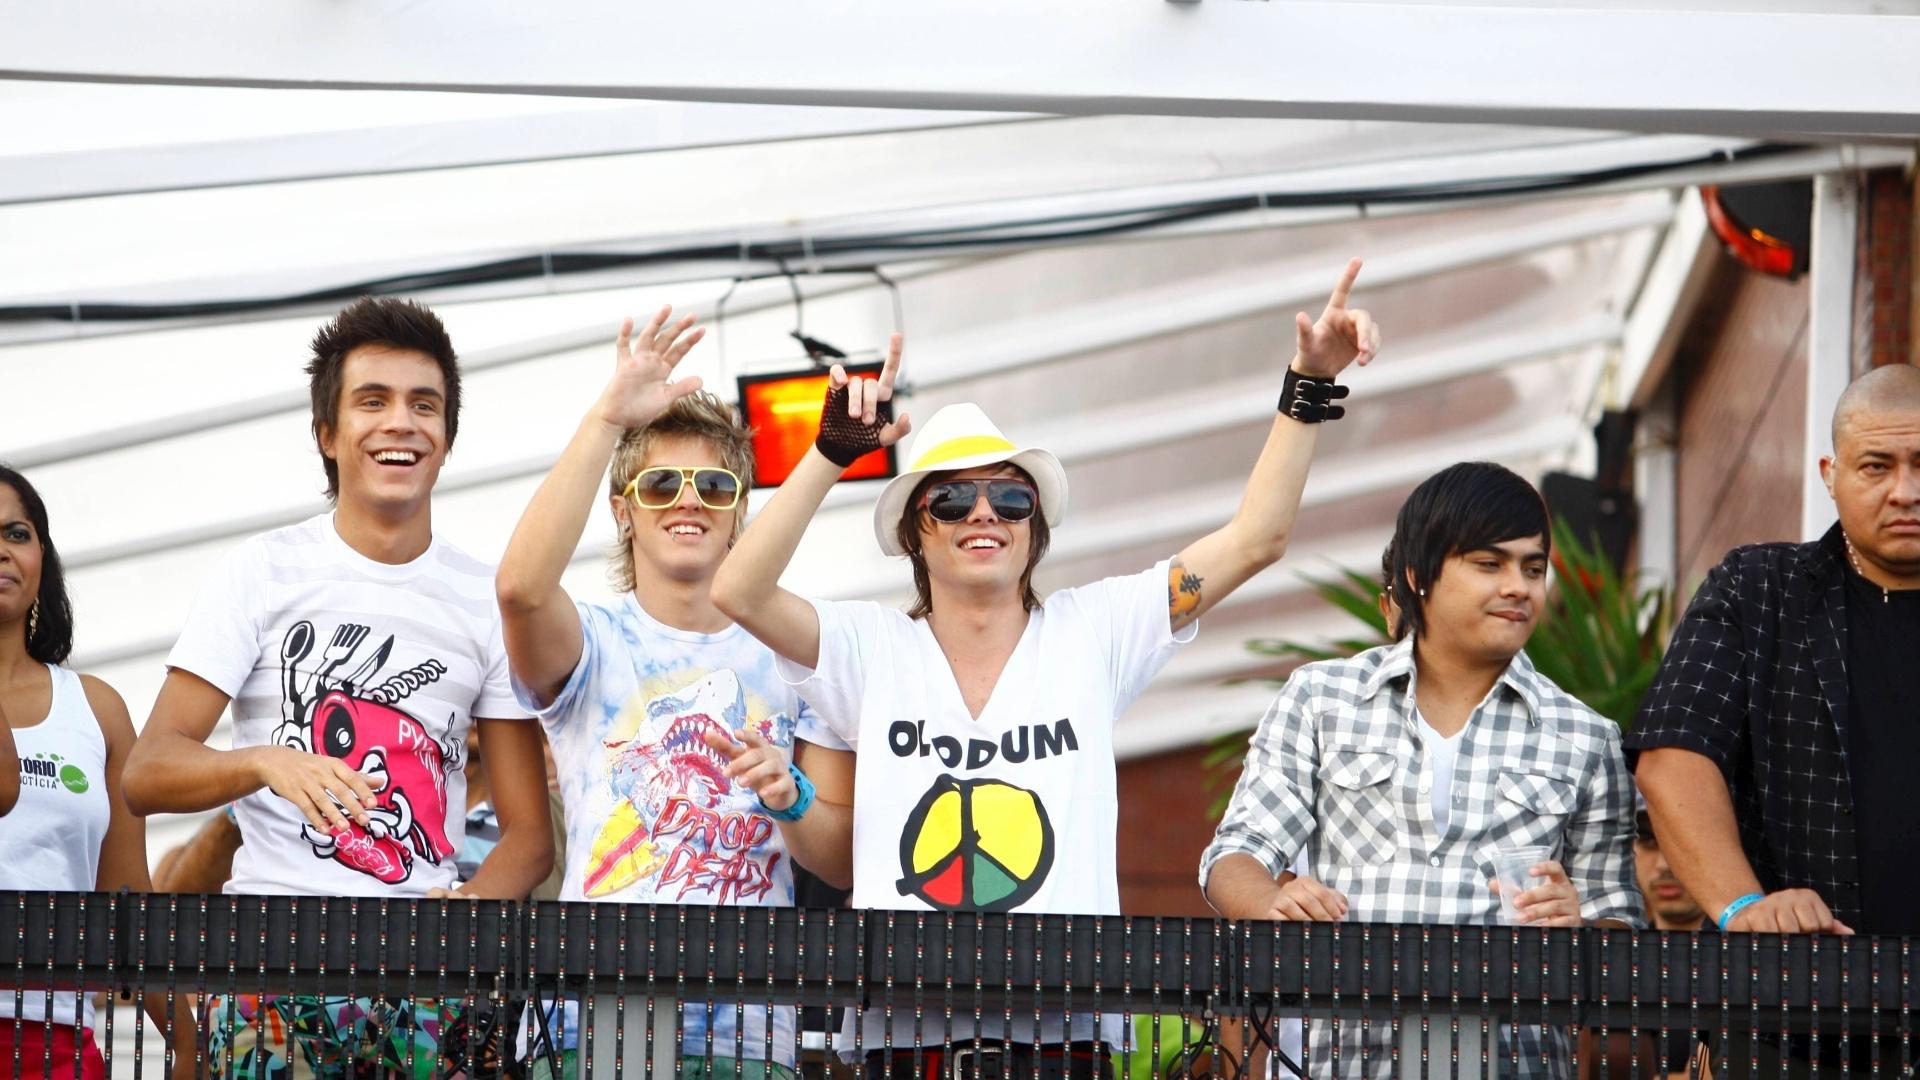 Banda Restart divide trio elétrico com o grupo Olodum durante Carnaval de Salvador, em 2011